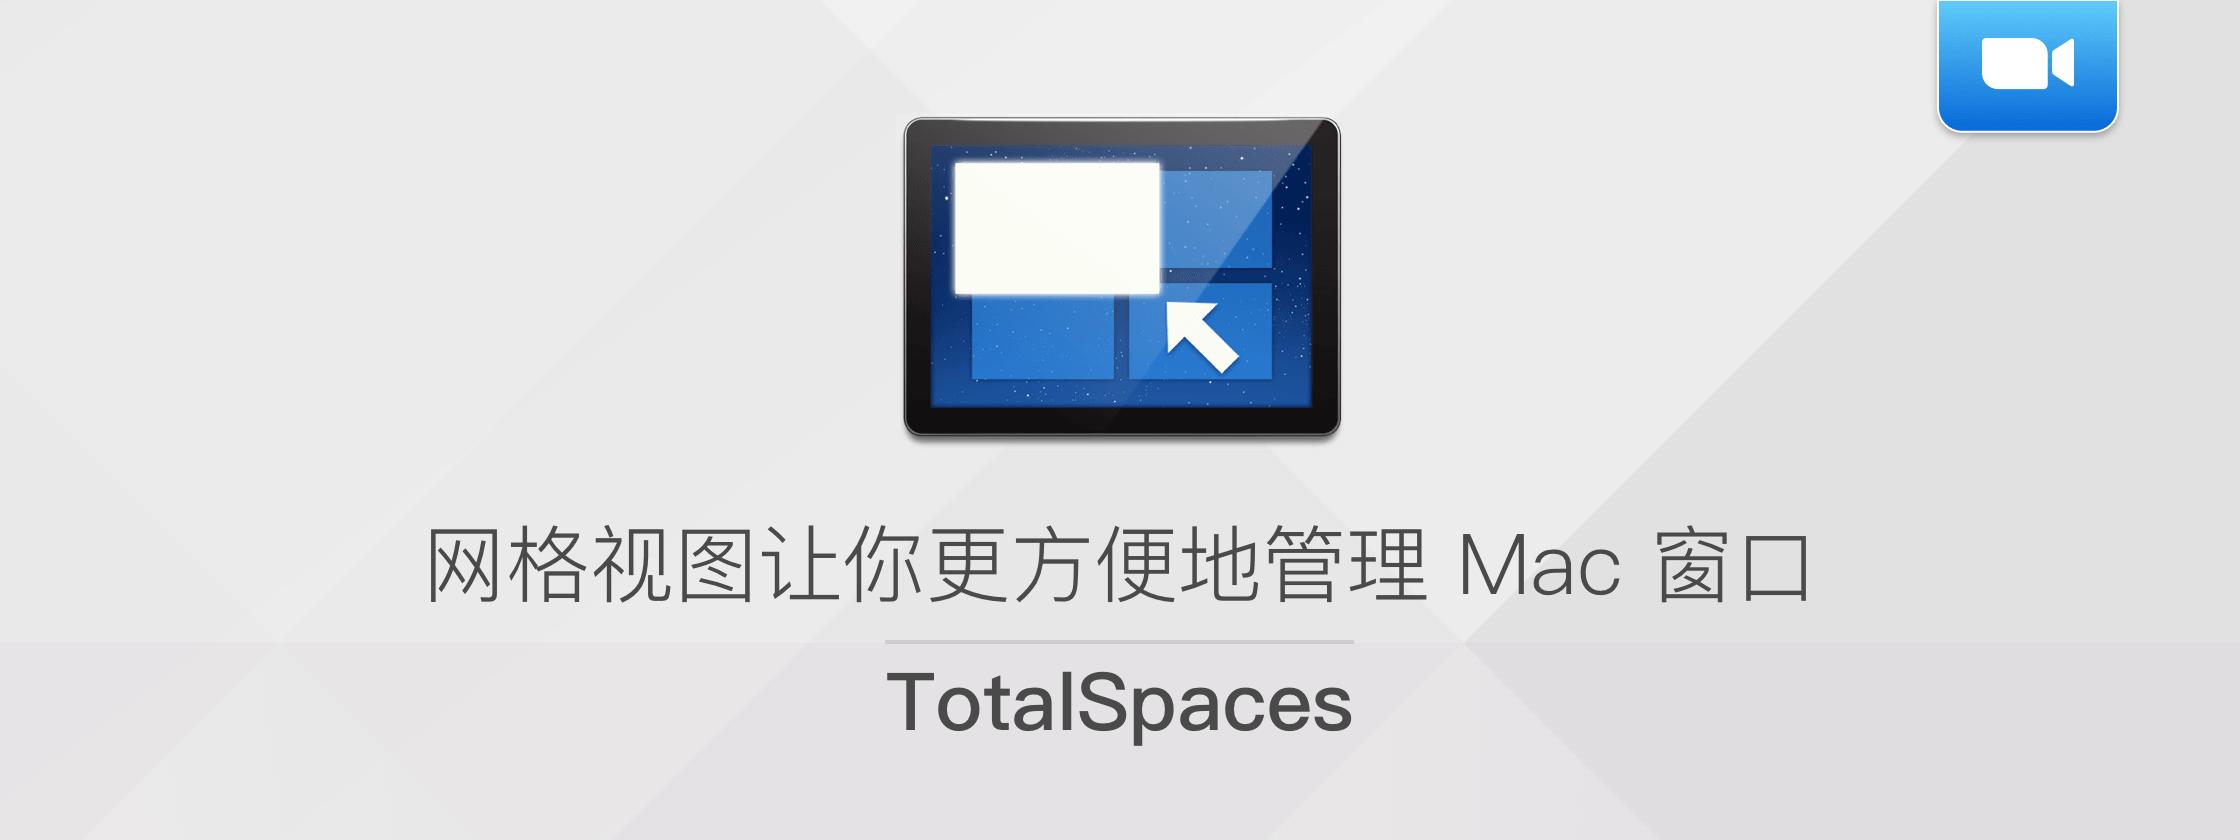 【视频】TotalSpaces,通过网格视图让你更方便地管理 Mac 窗口